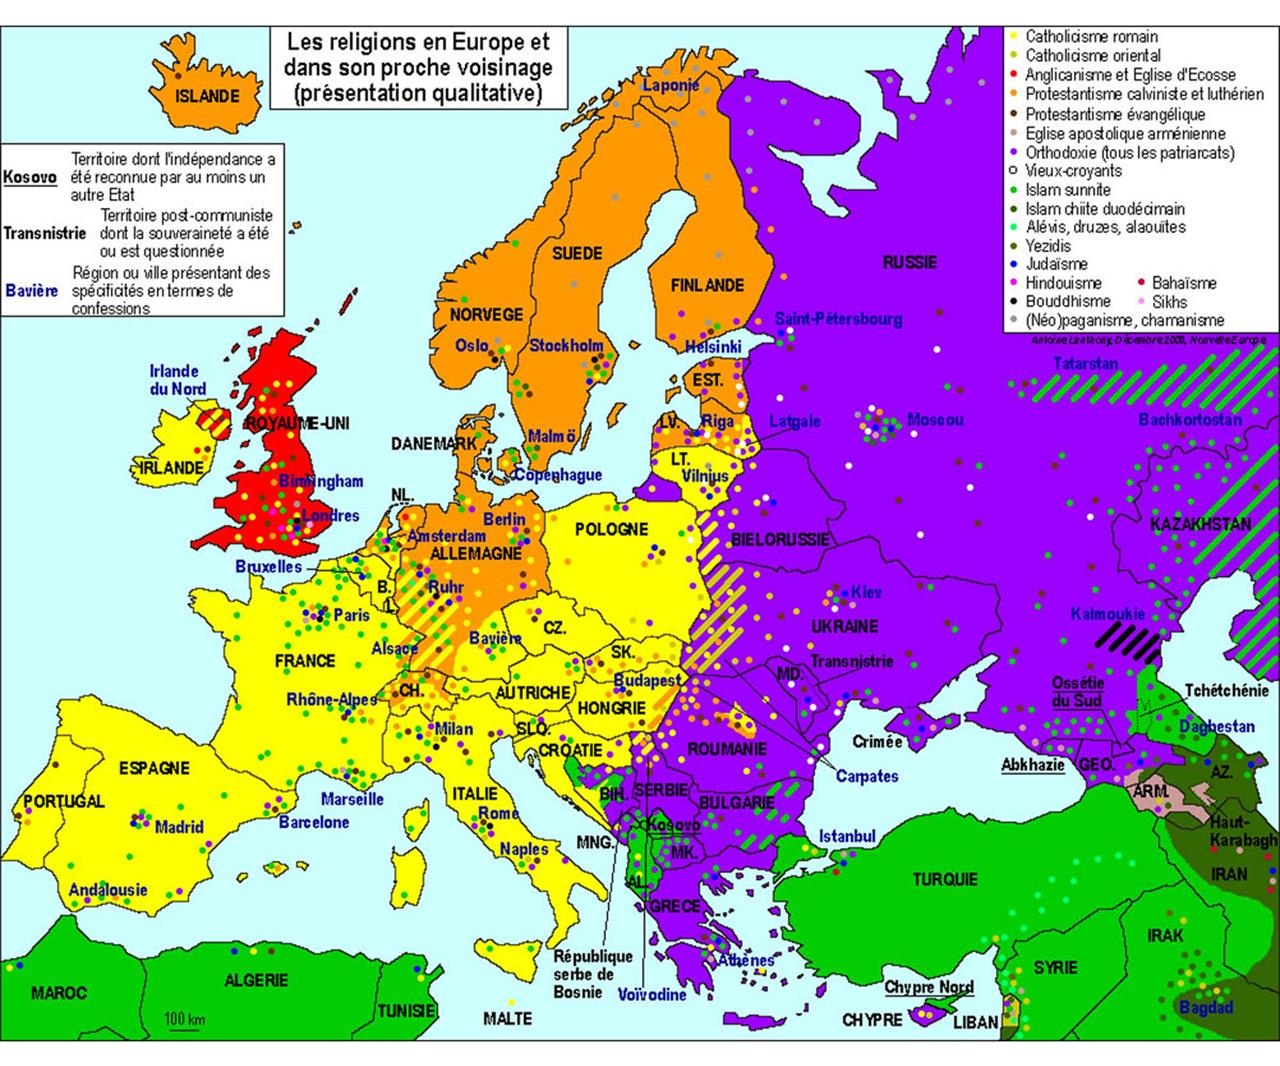 Cartina Del Mondo Con Le Diverse Religioni.Chiese La Mappa Dell Europa Divisa Dalle Religioni Linkiesta It